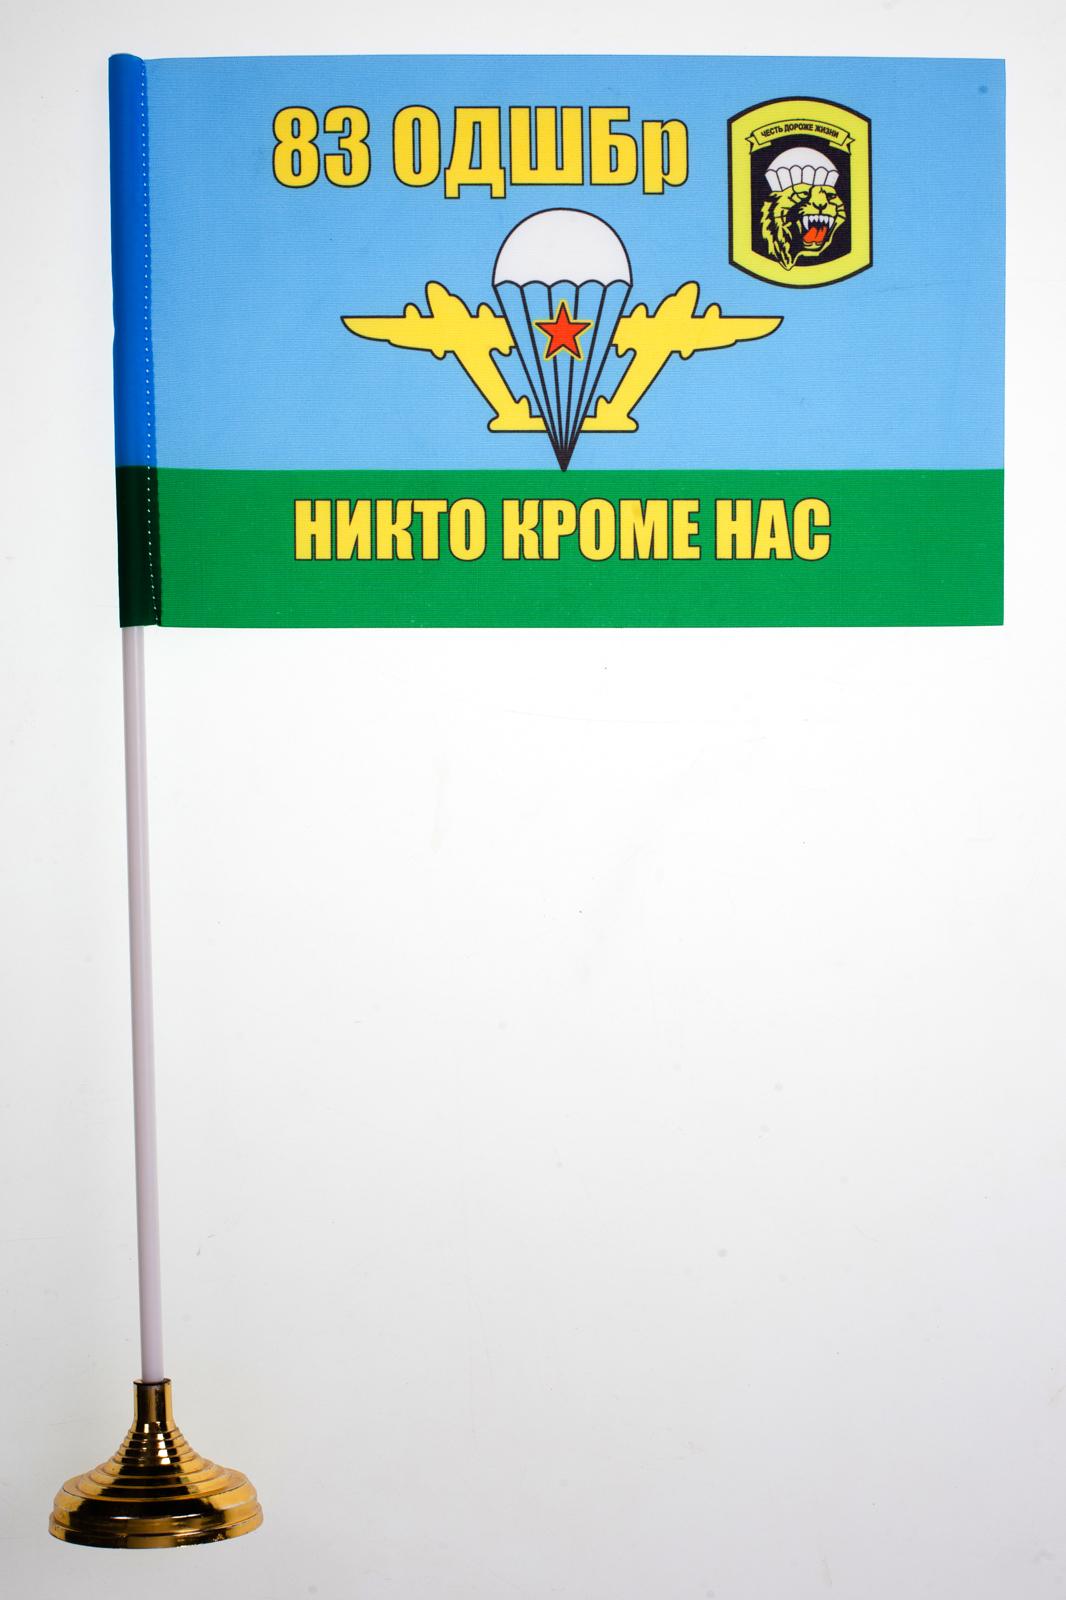 Флаг ВДВ 83 Отдельная десантно-штурмовая бригада